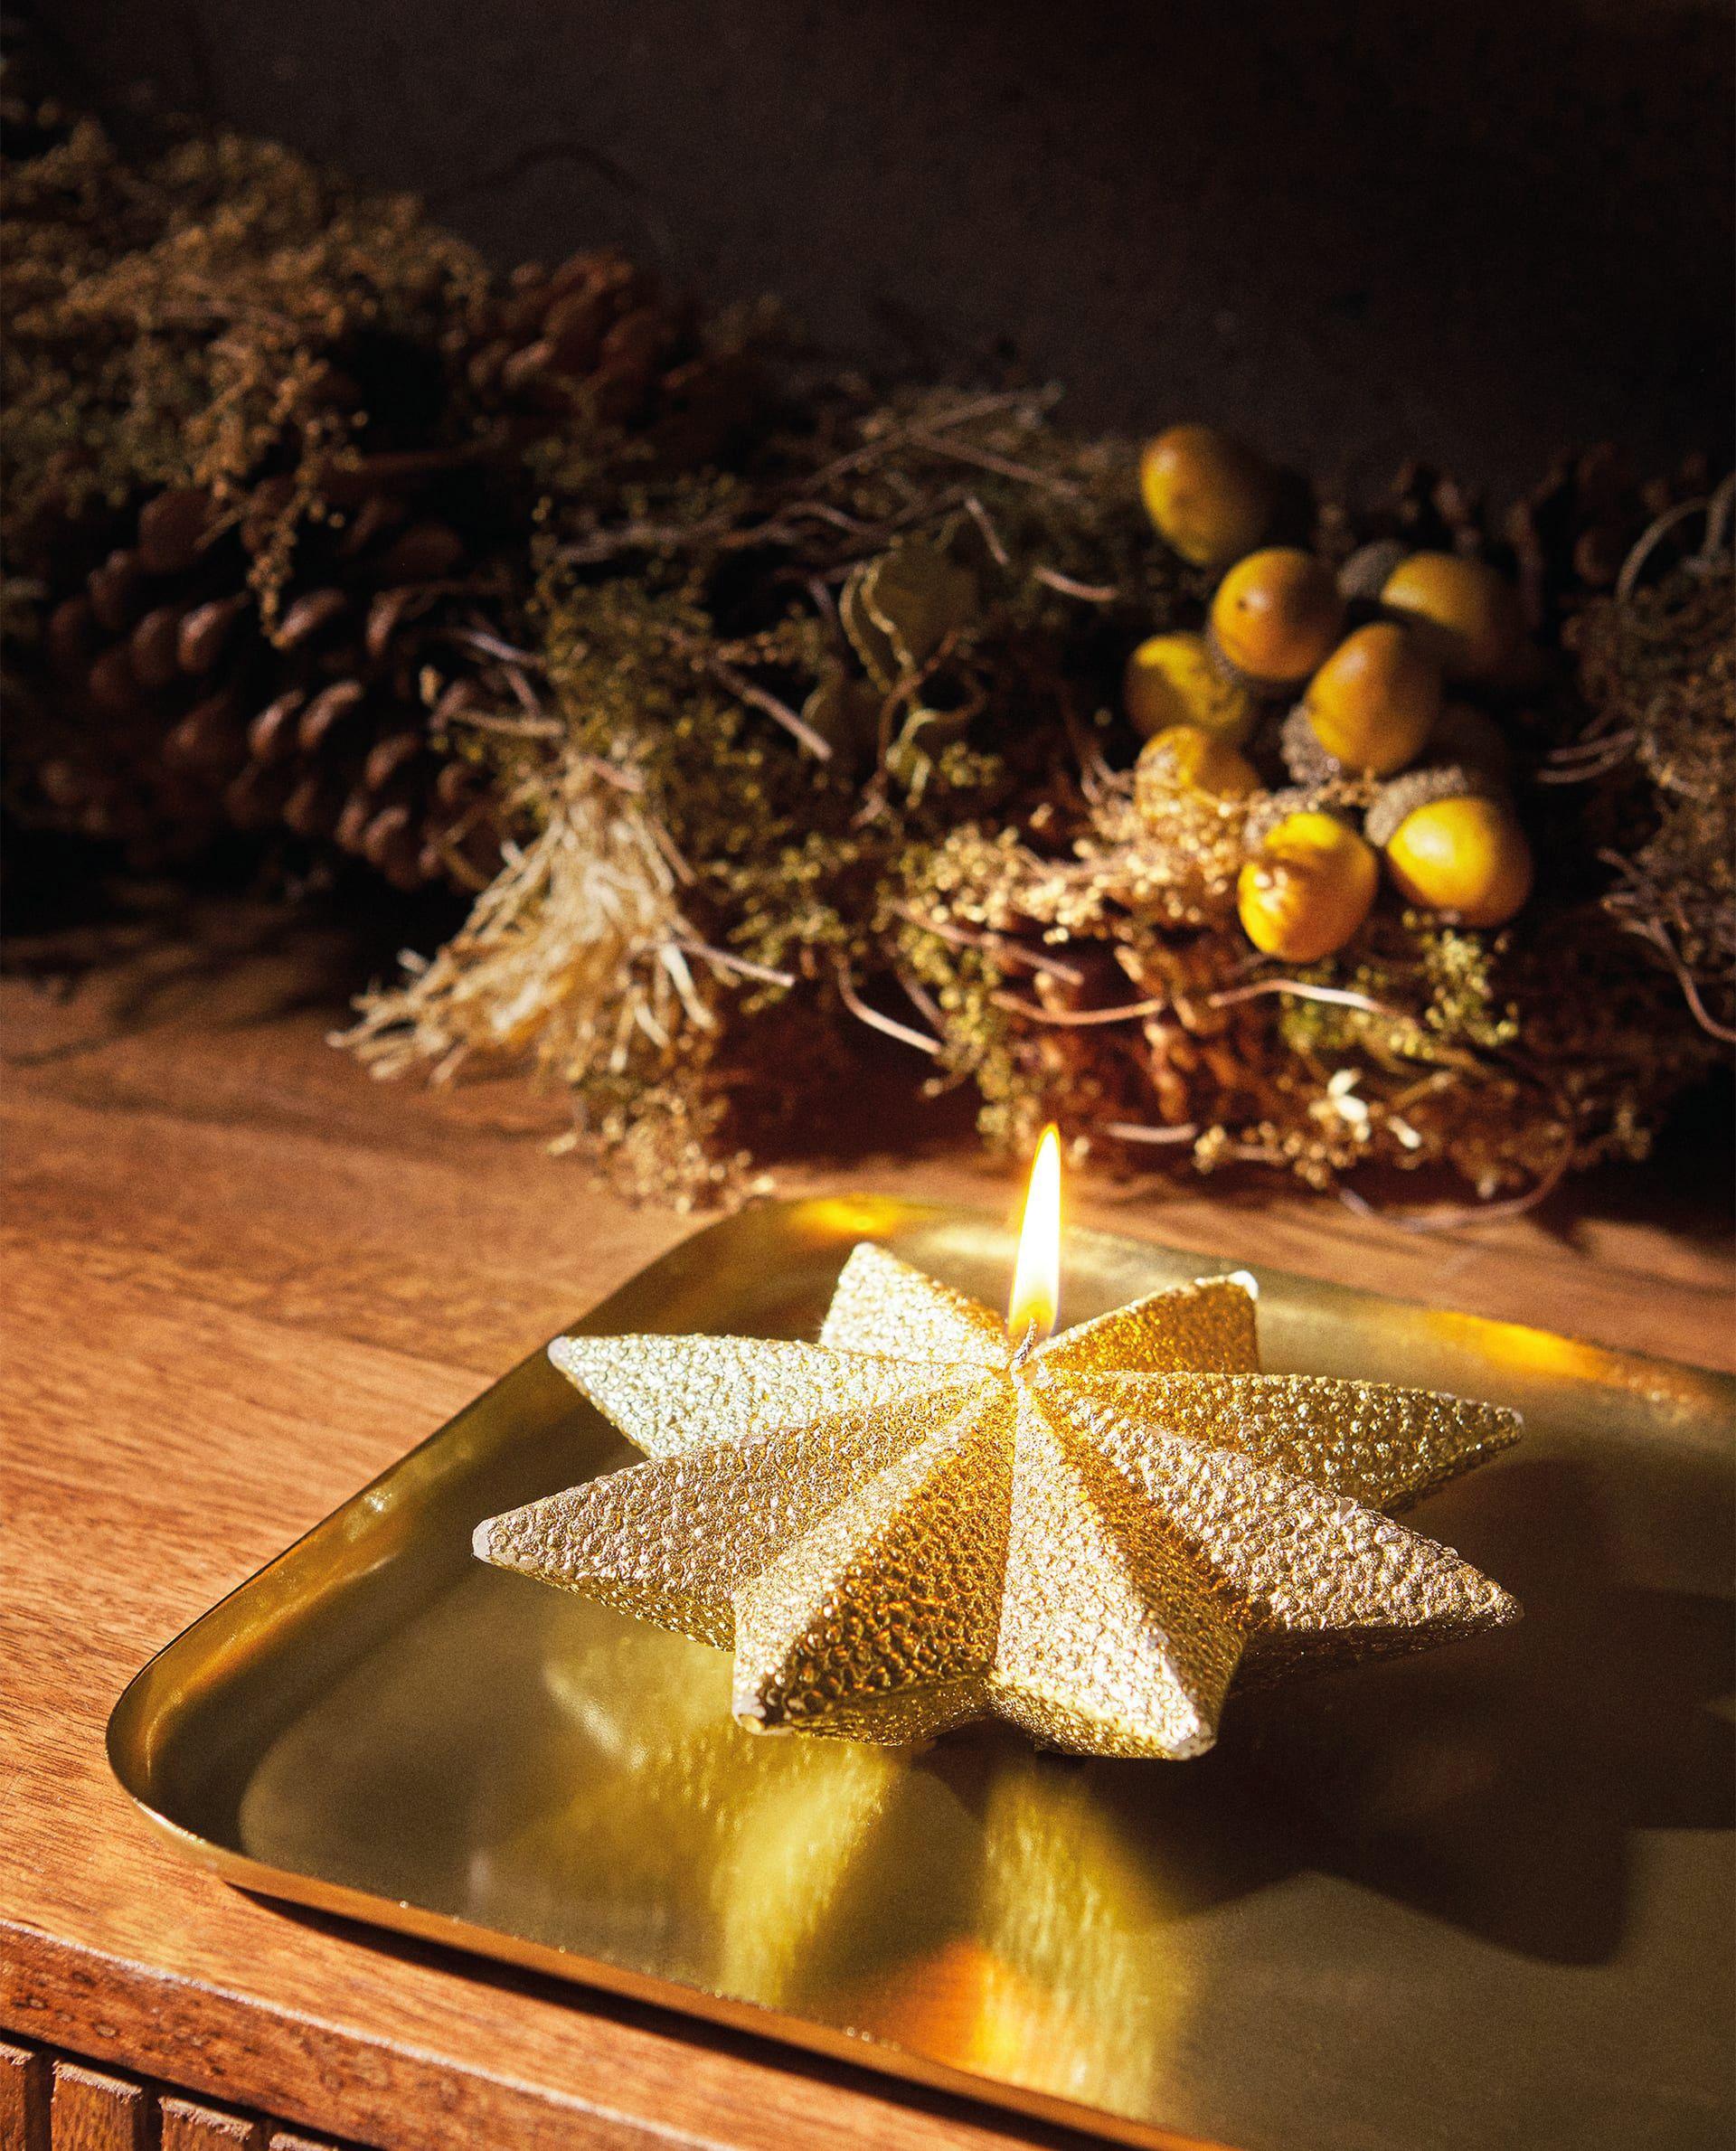 Em formato de estrela, esta vela se destaca pela beleza e originalidade.